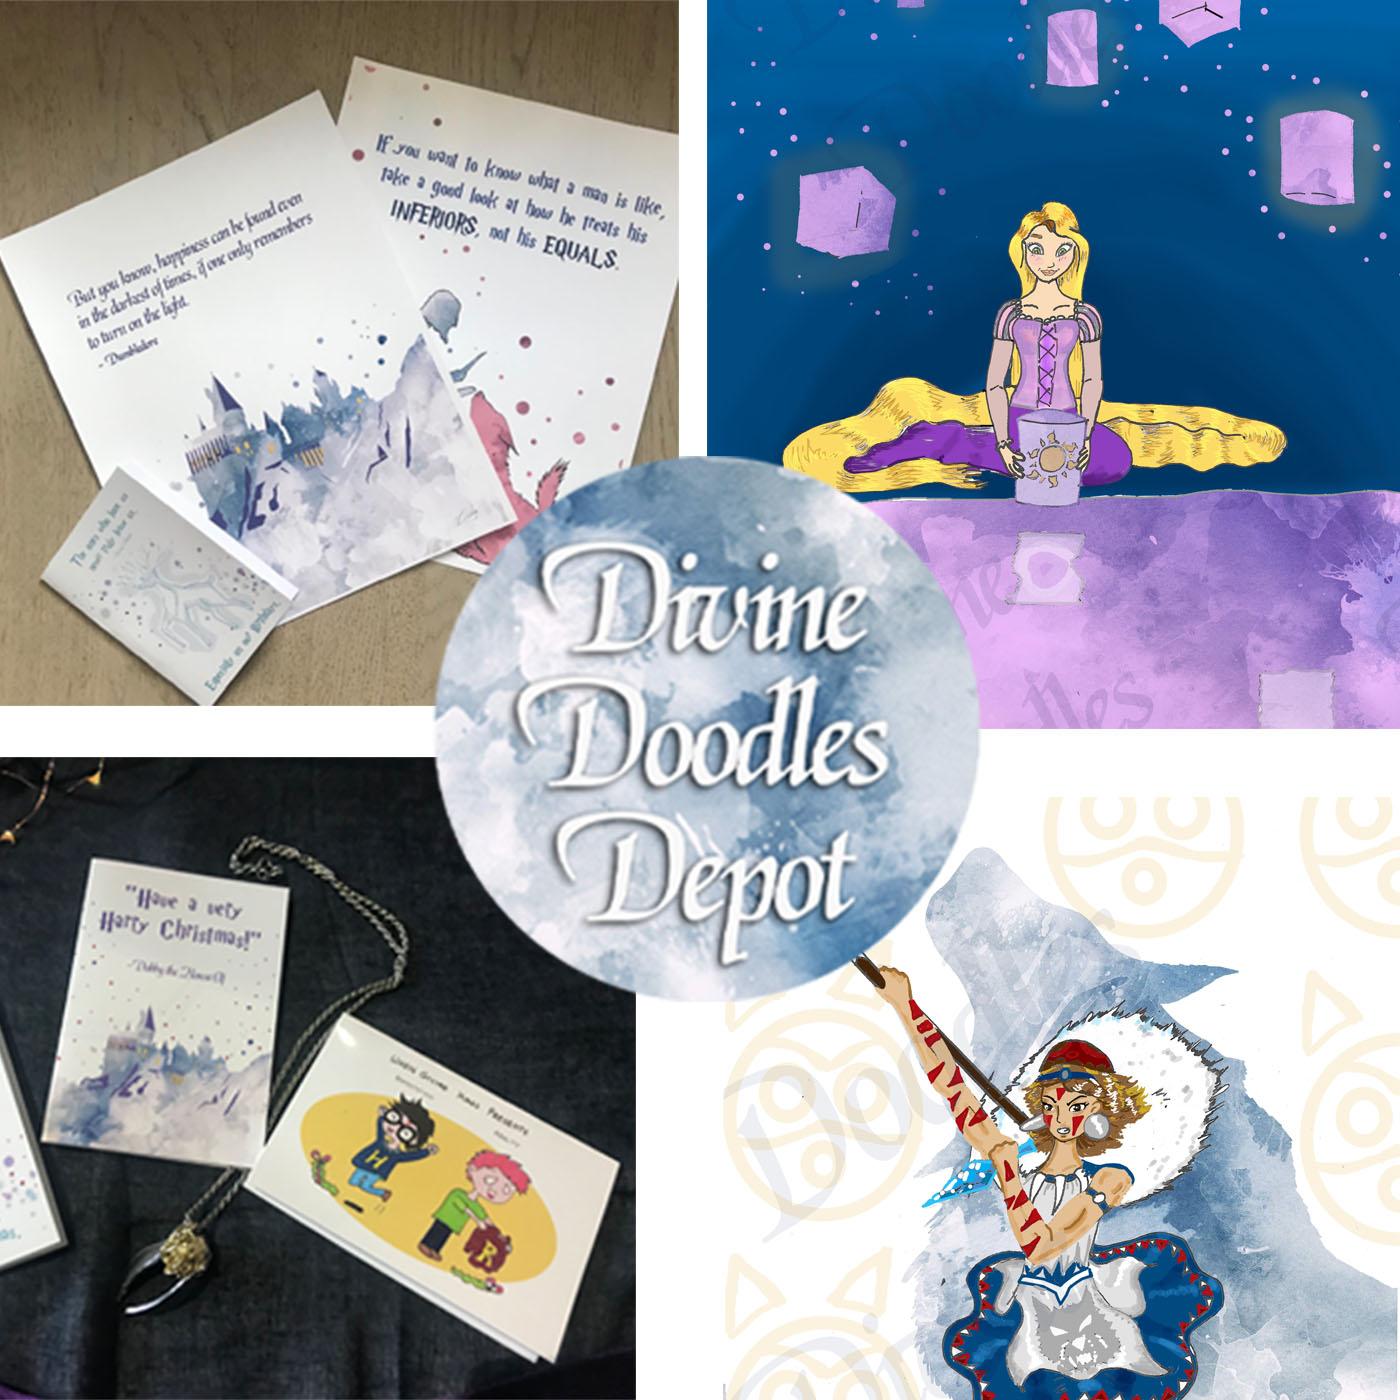 Divine Doodles Depot